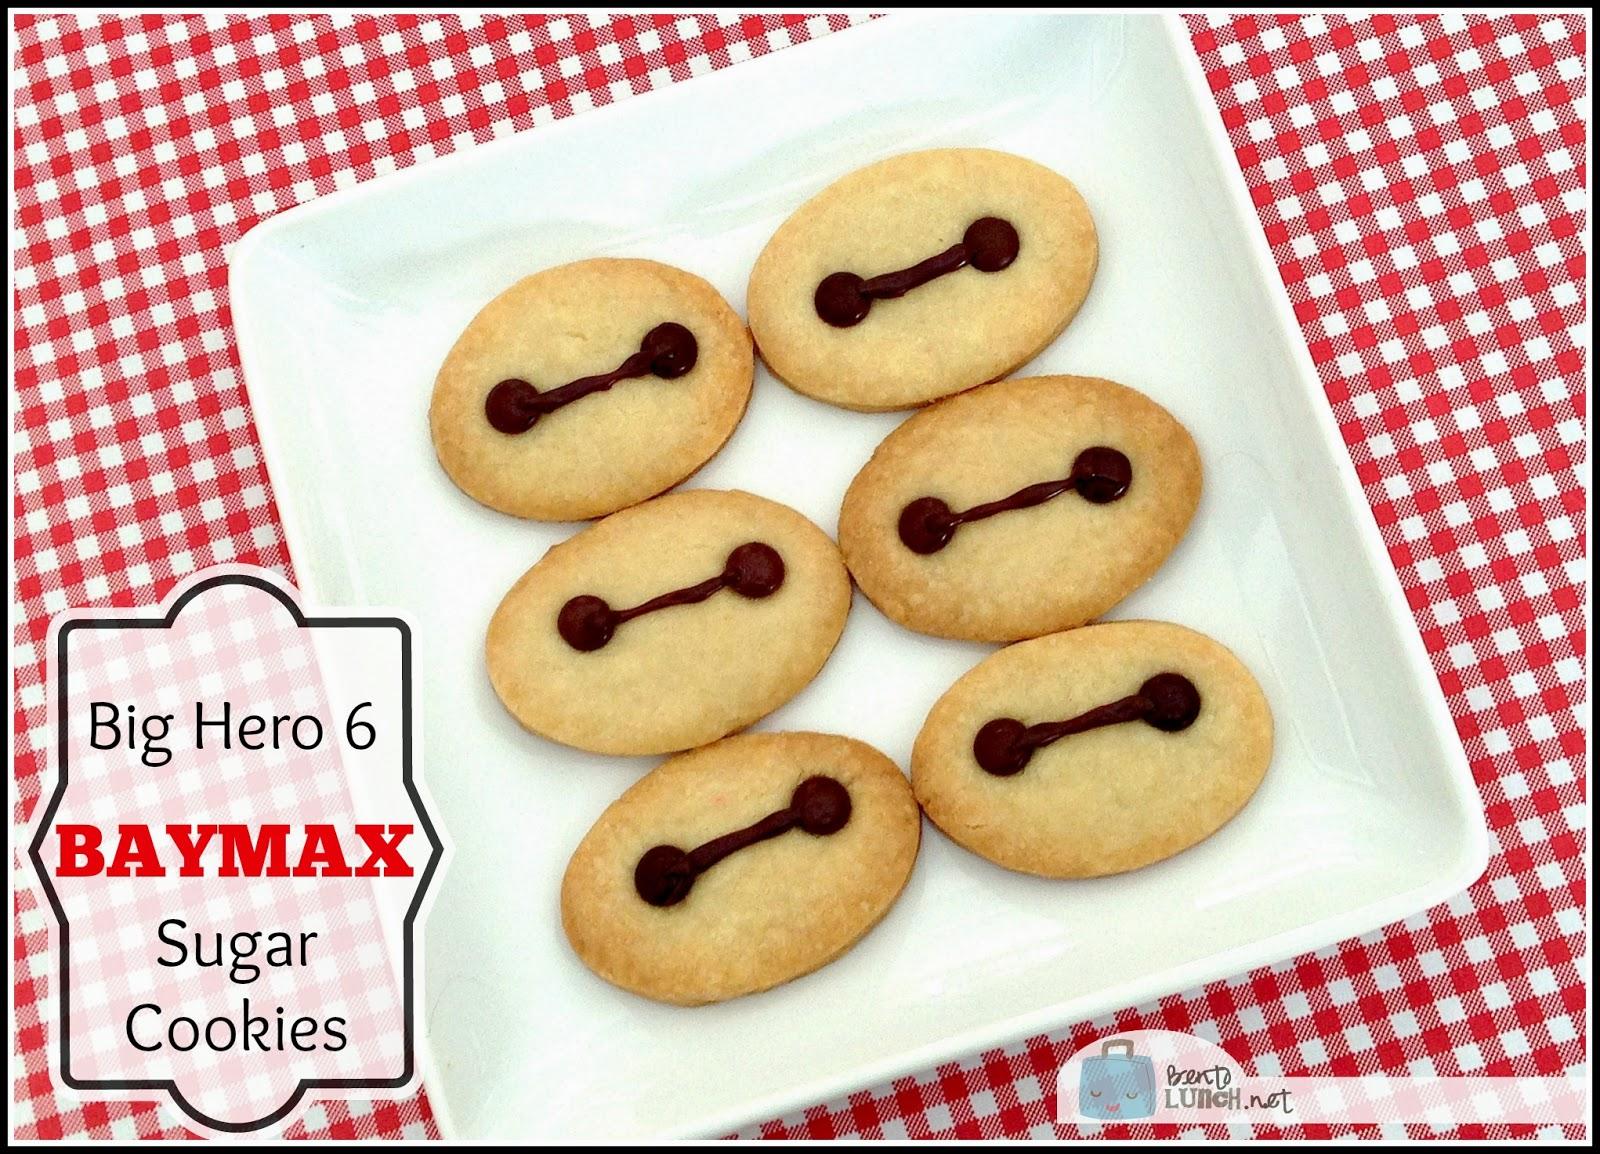 baymax-sugar-cookies